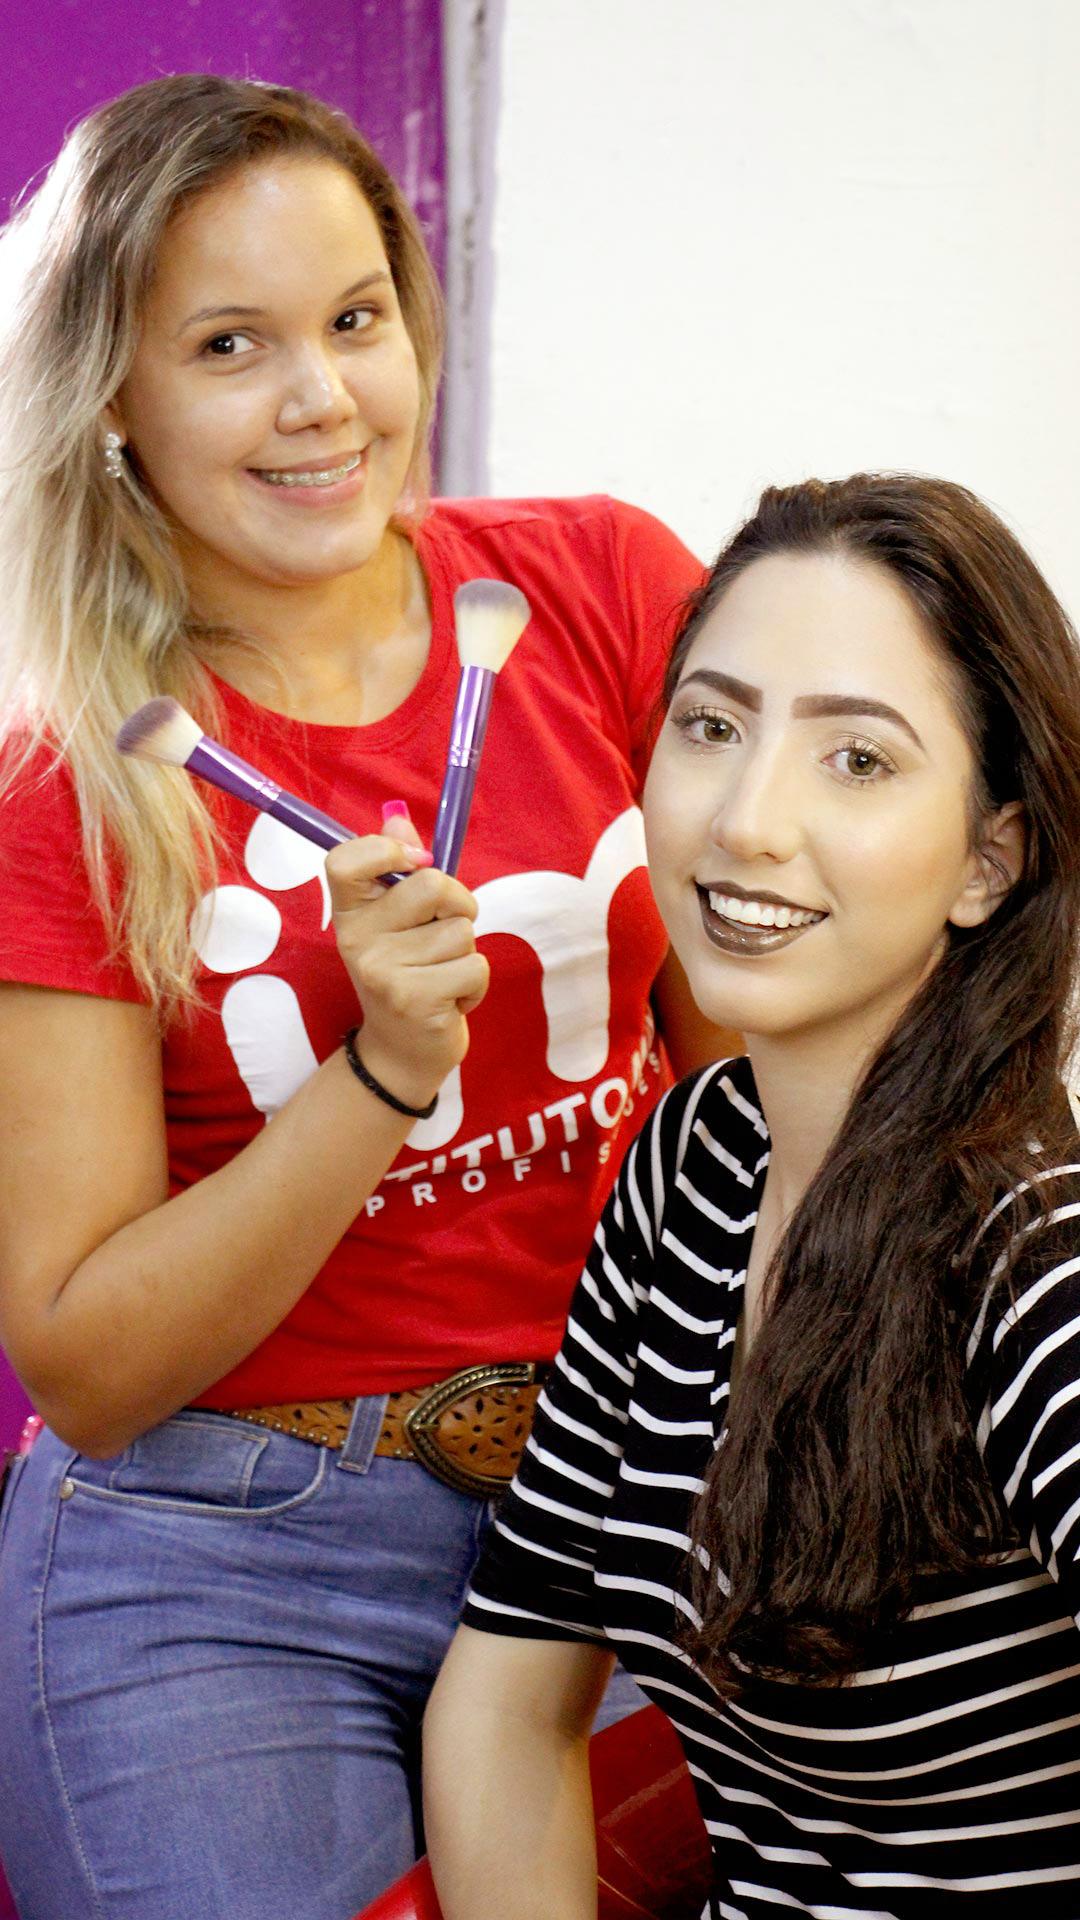 Foto da Maquiadora e modelo